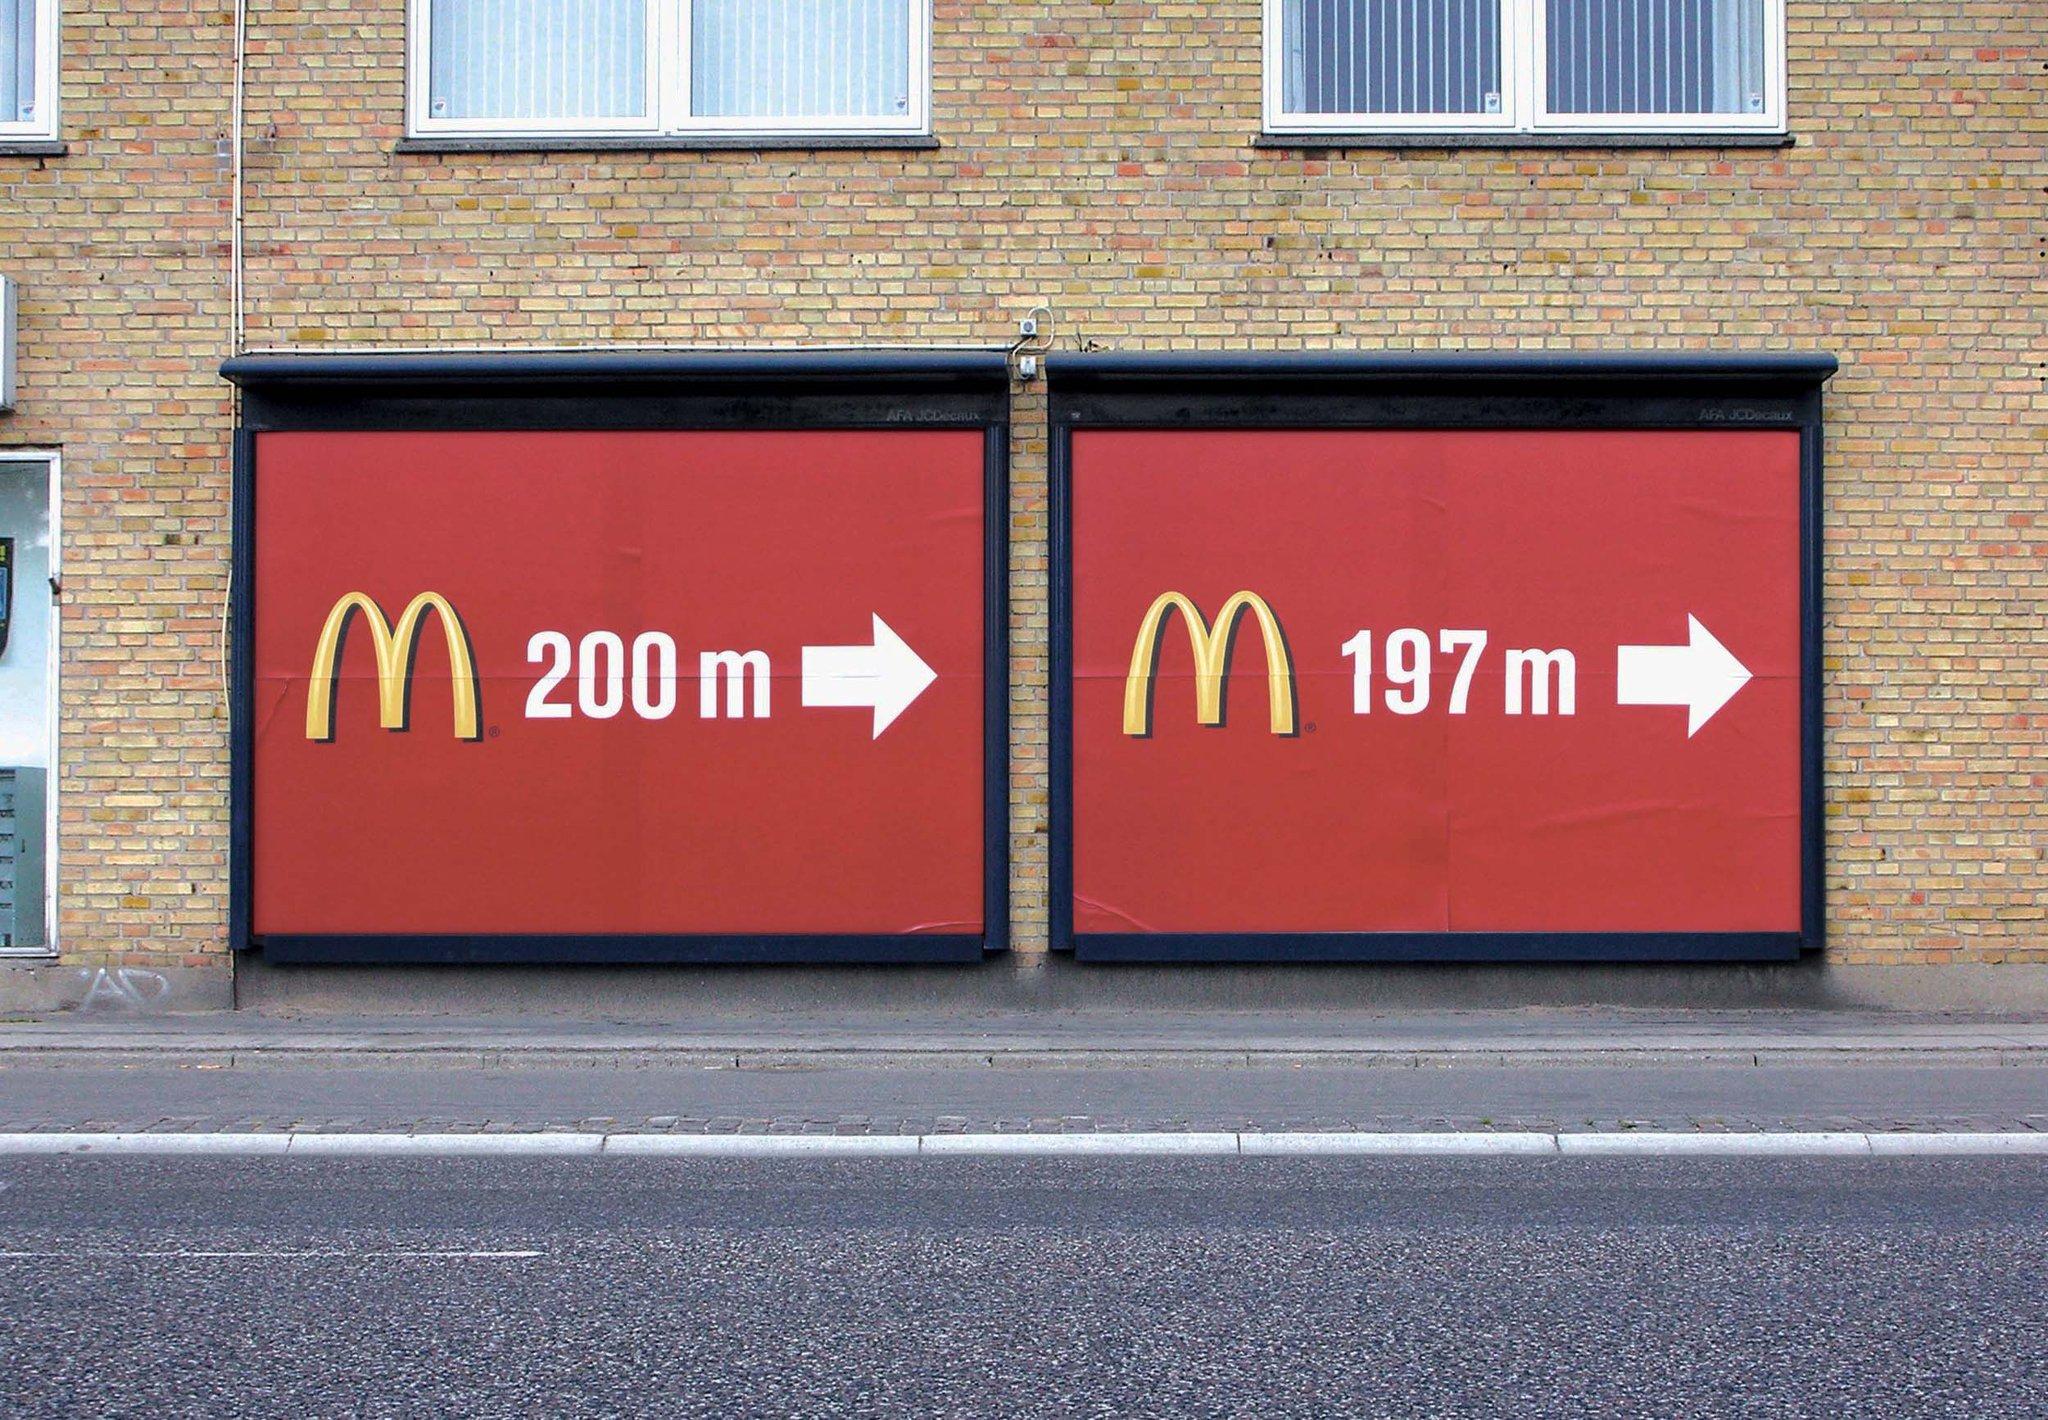 マックの広告がシンプルなのに目を引く!?発想の勝利!